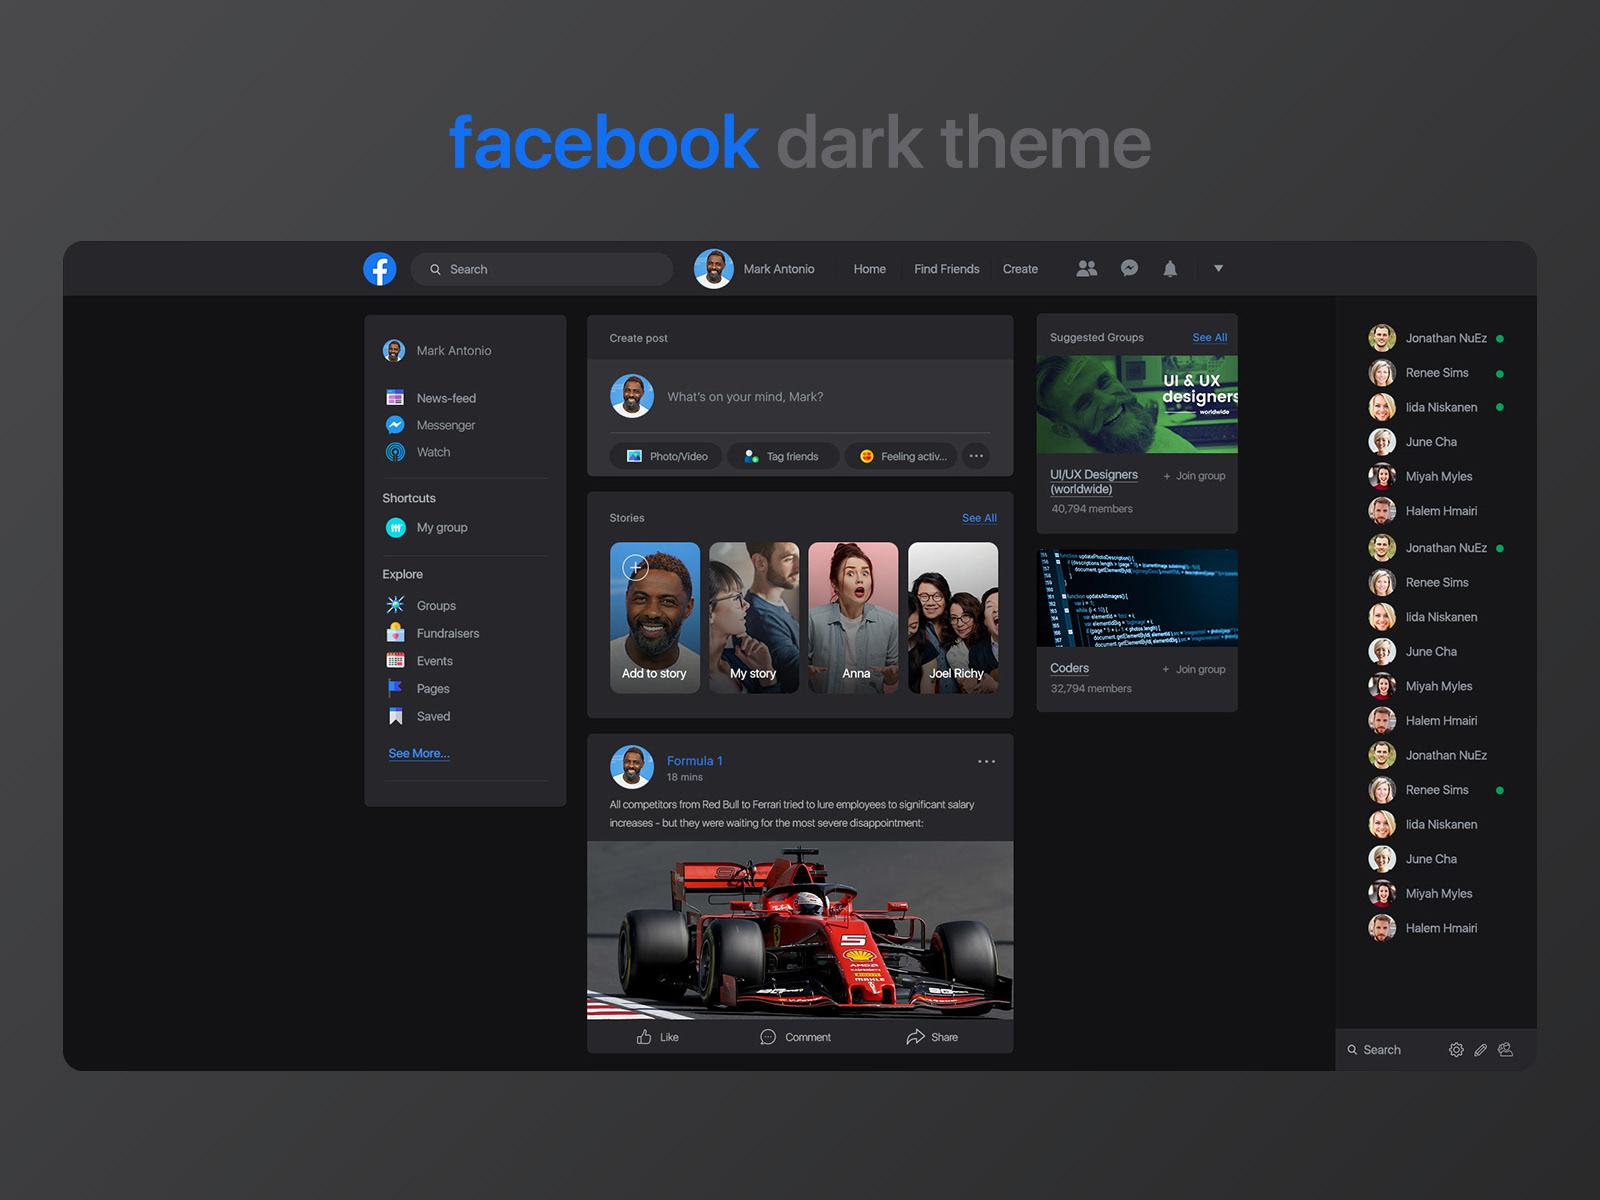 Facebook dark theme concept